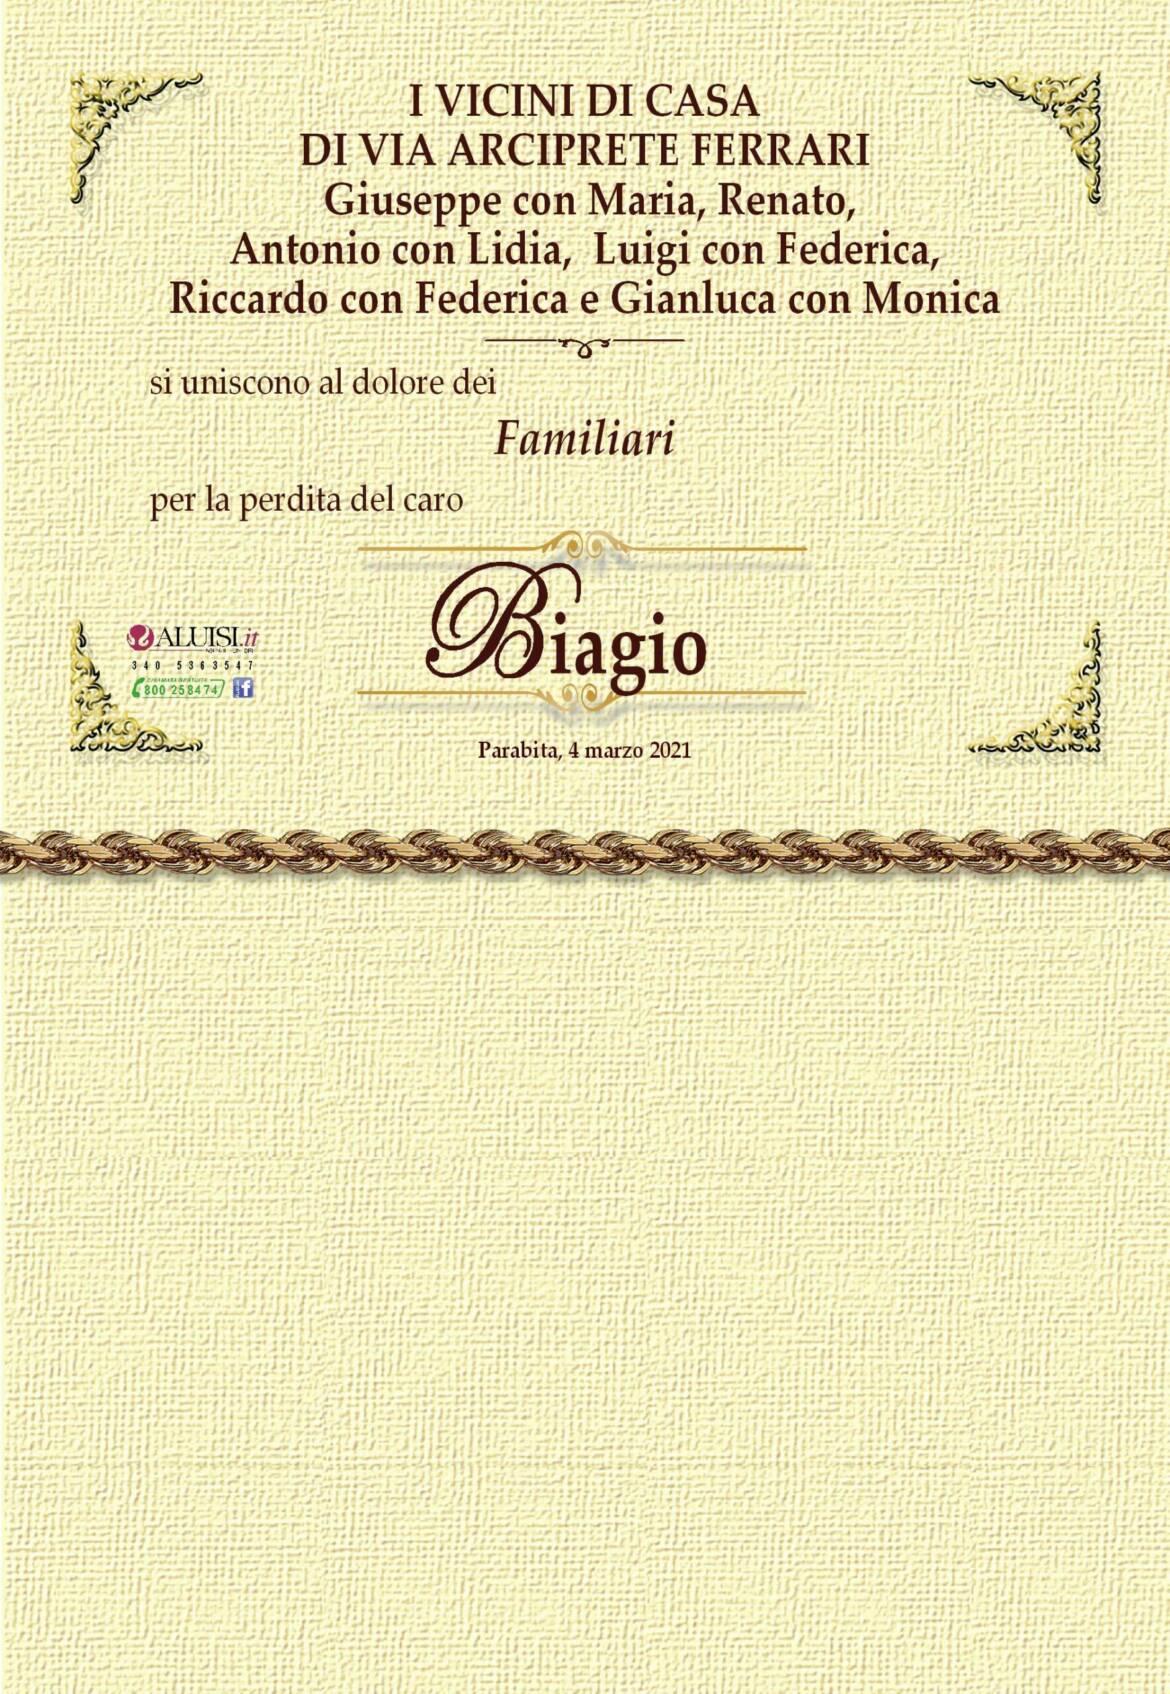 PATECIPAIZONE-BIAGIO-PARABITA-scaled.jpg